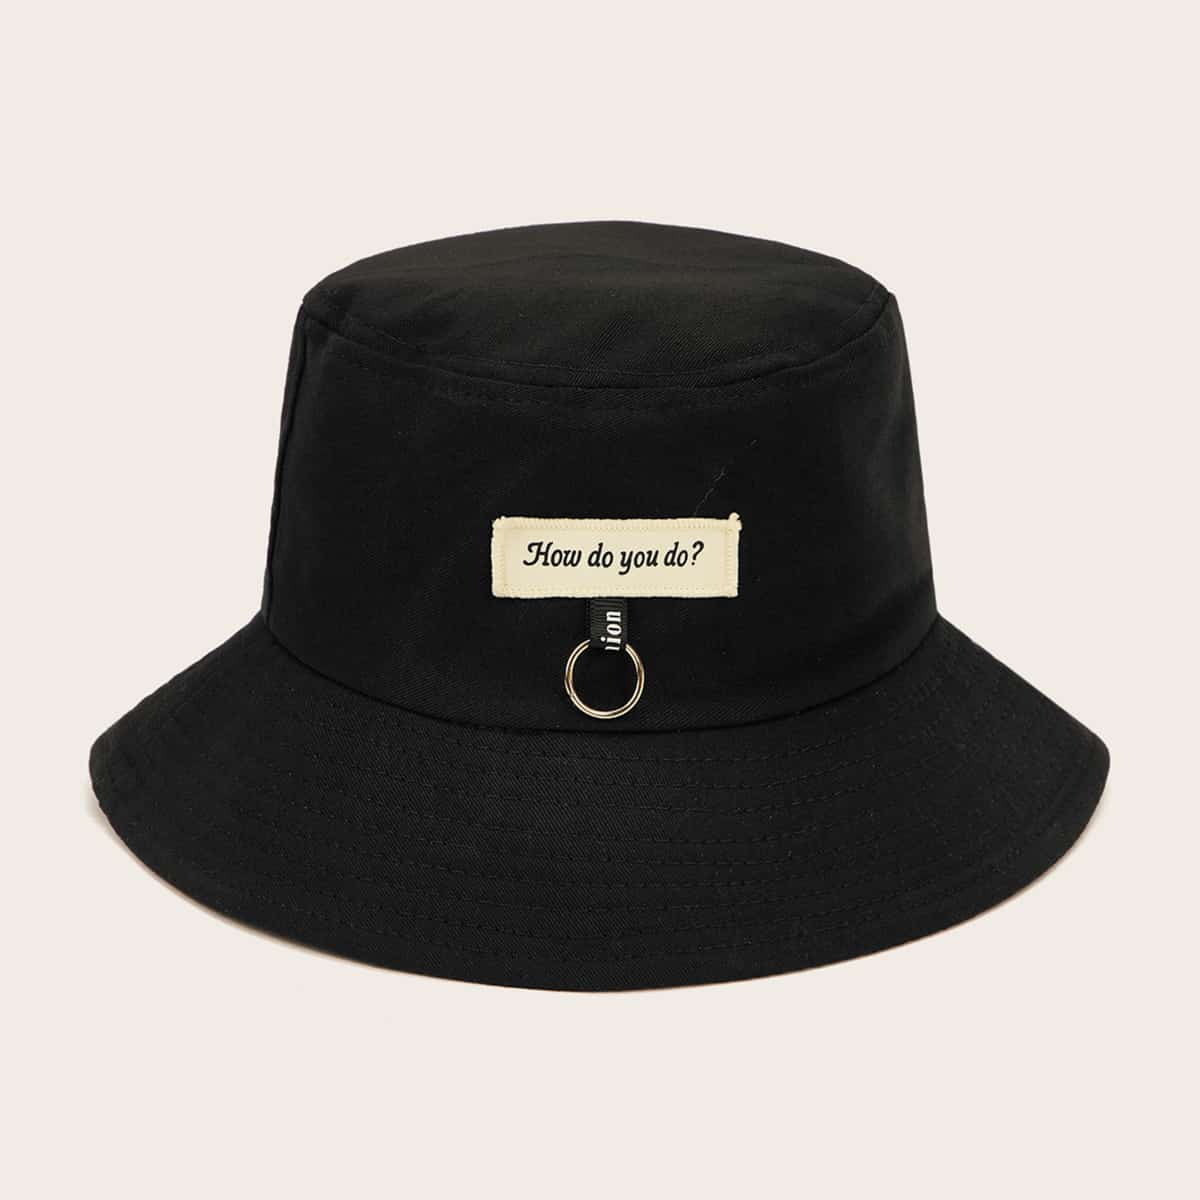 Мужская шляпа с пряжкой и текстовым узором от SHEIN